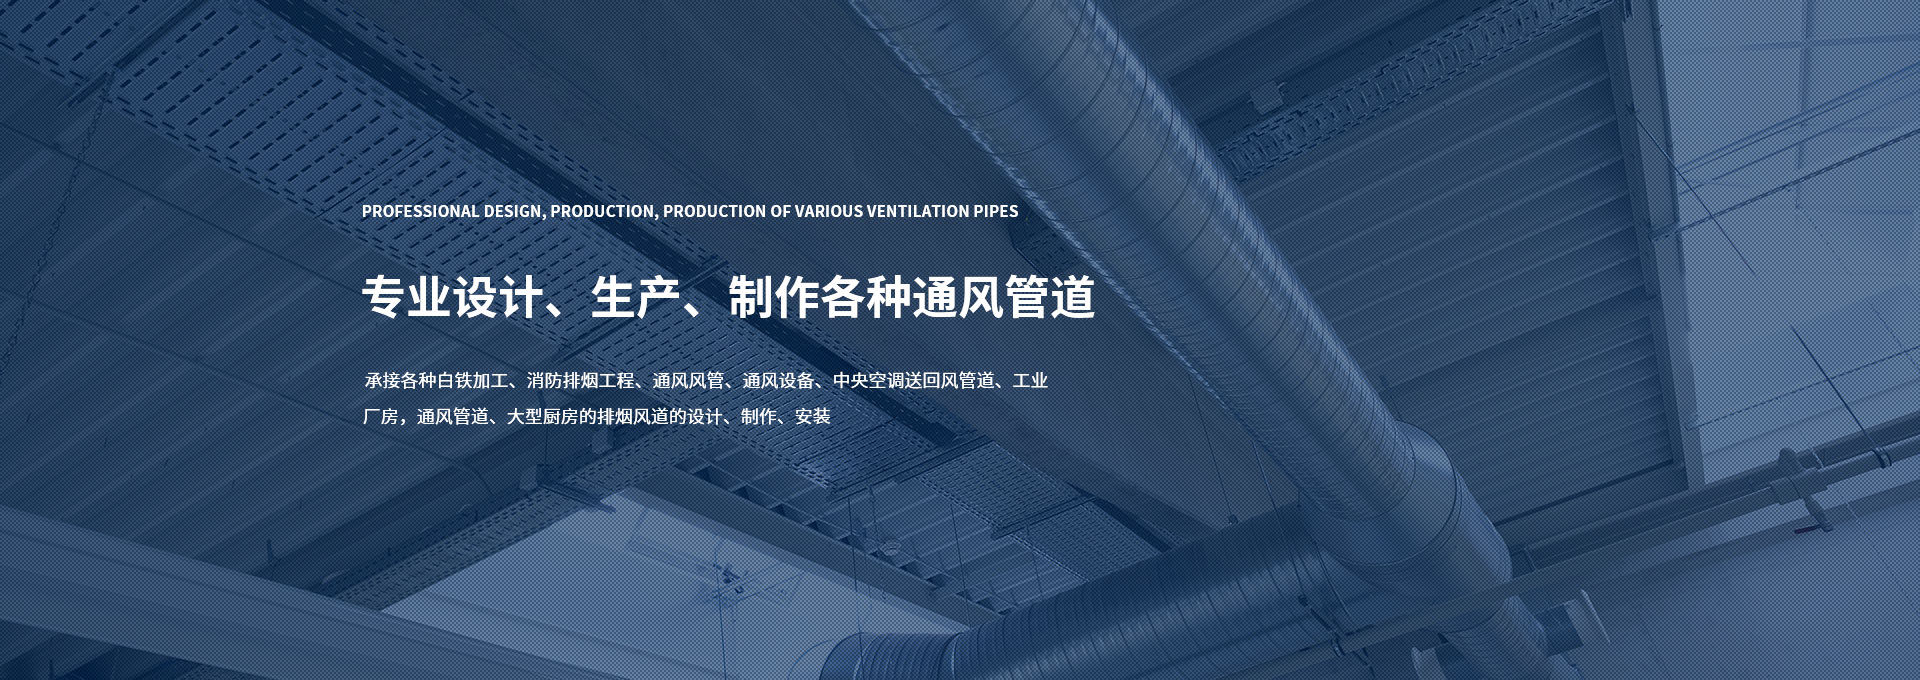 专业设计生产各种通风管道